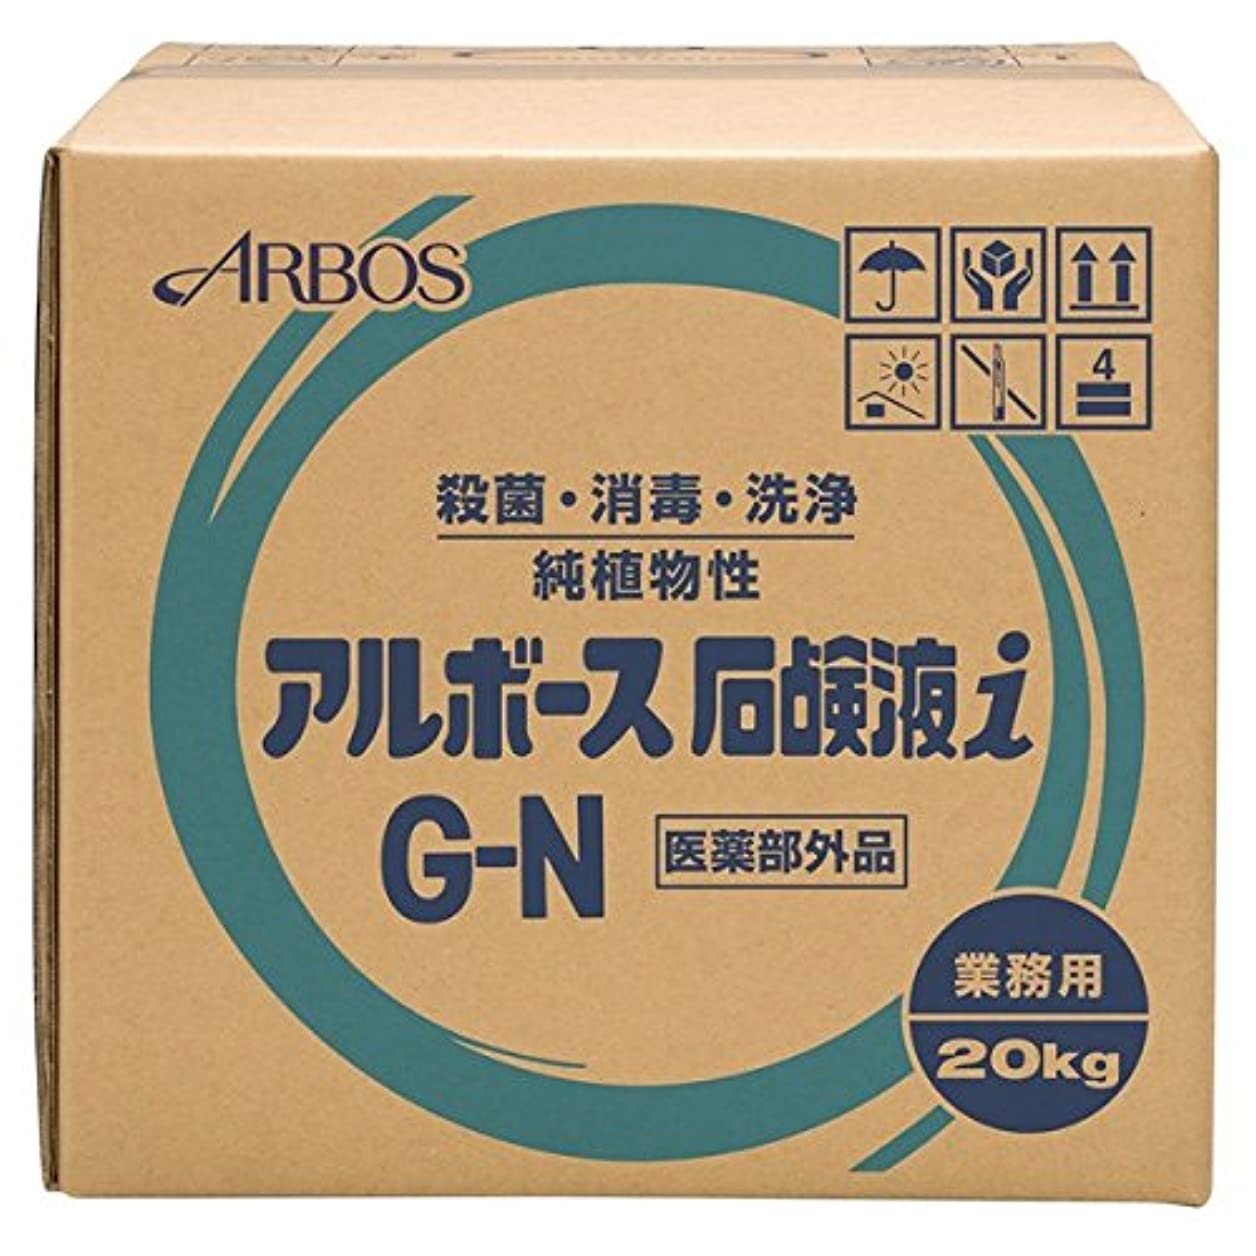 矛盾する穿孔するピアアルボース 薬用ハンドソープ アルボース石鹸液i G-N 濃縮タイプ 20kg